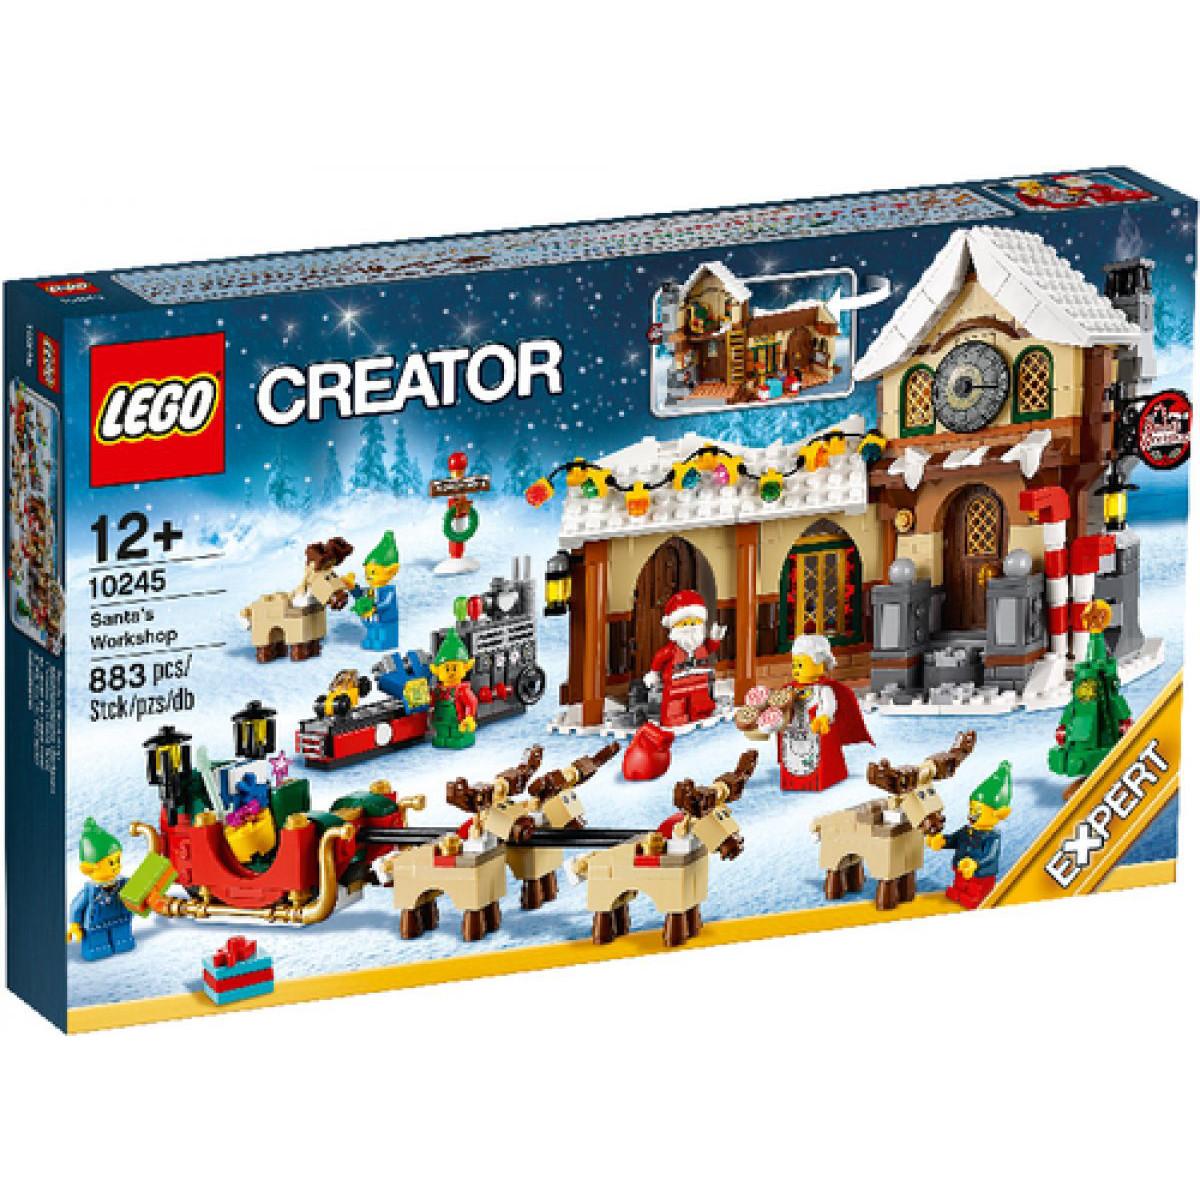 Lego Weihnachtsmarkt.Lego 10245 Creator Weihnachtliche Werkstatt Weihnachtsmarkt Dorf